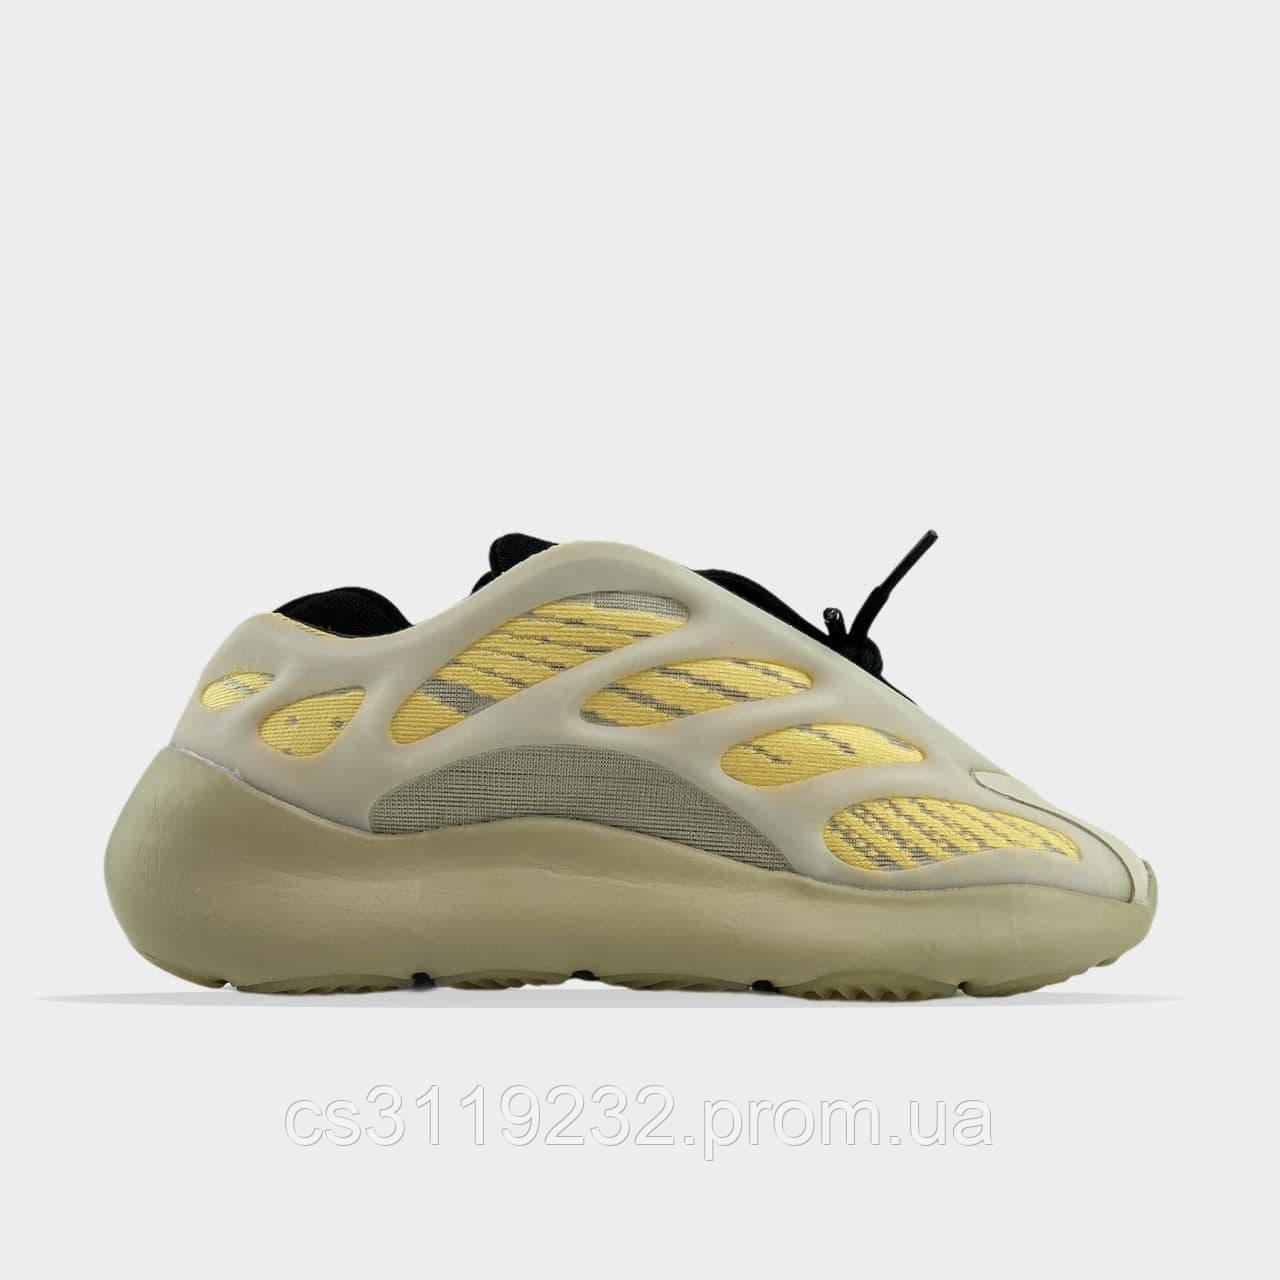 Мужские кроссовки Adidas Yeezy Boost 700 V3 Beige Black  (бежевый)